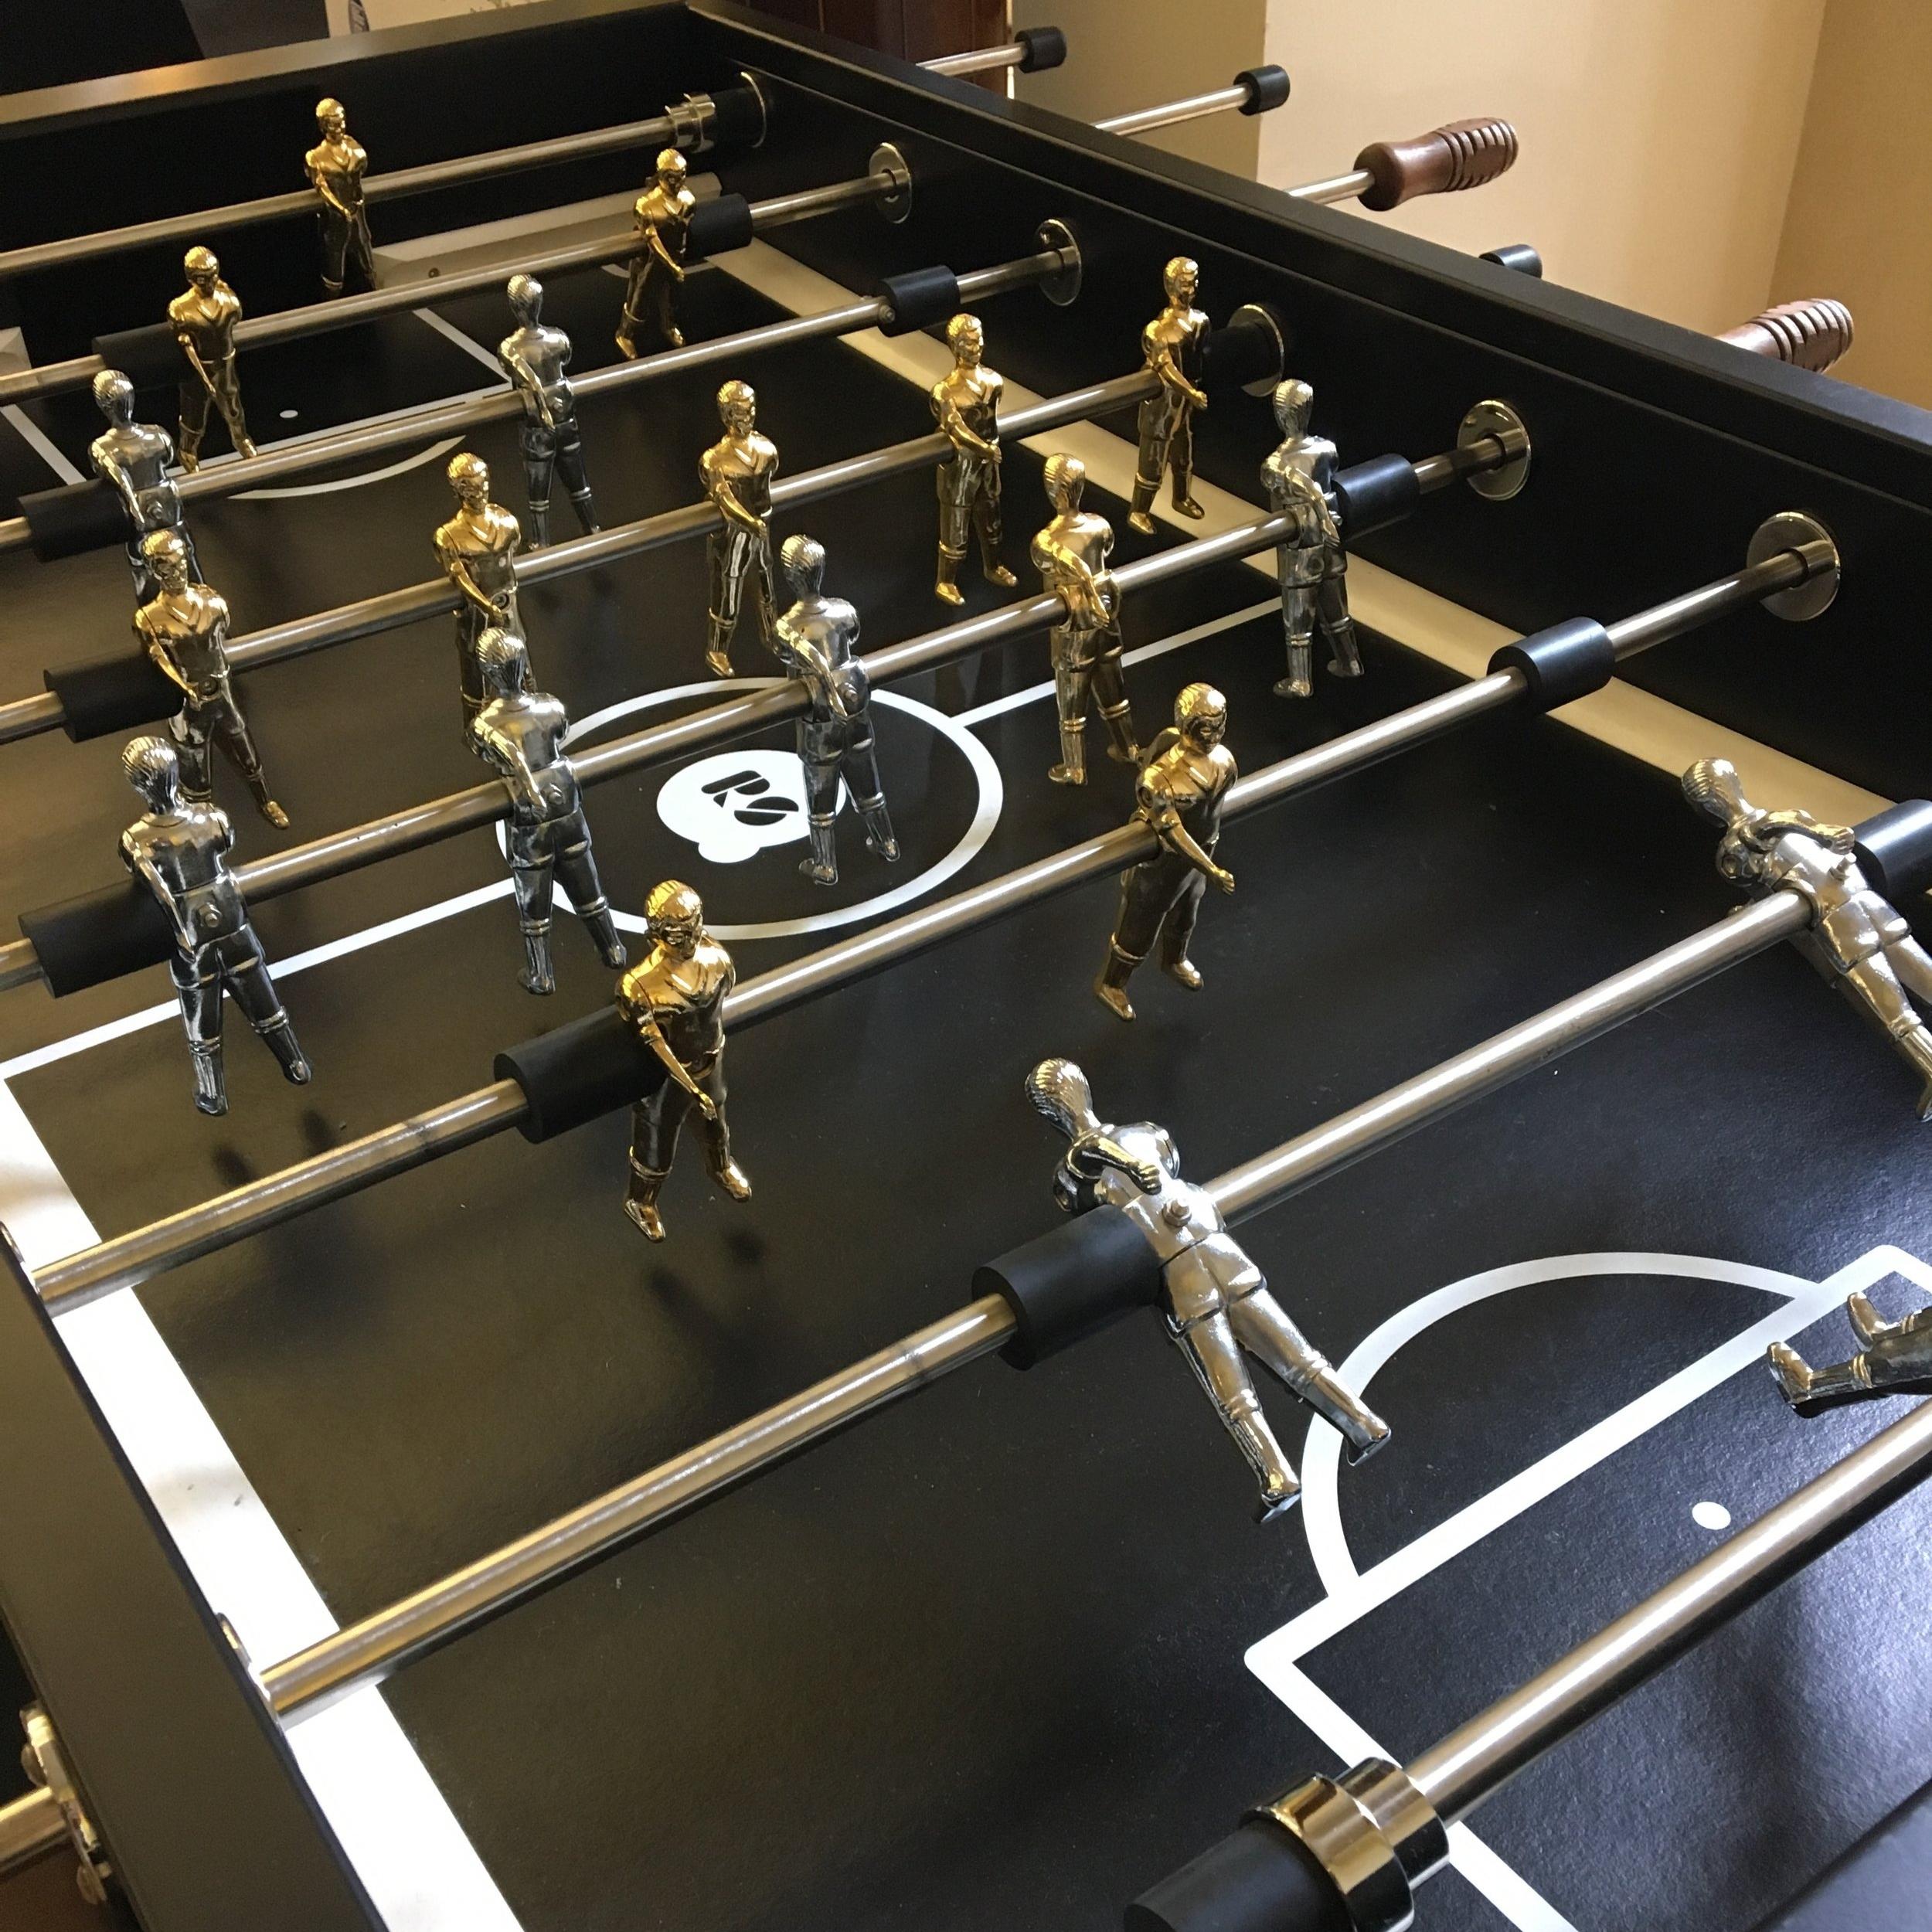 會場中有個有趣的桌上足球,黑色配上金銀,經典配色。